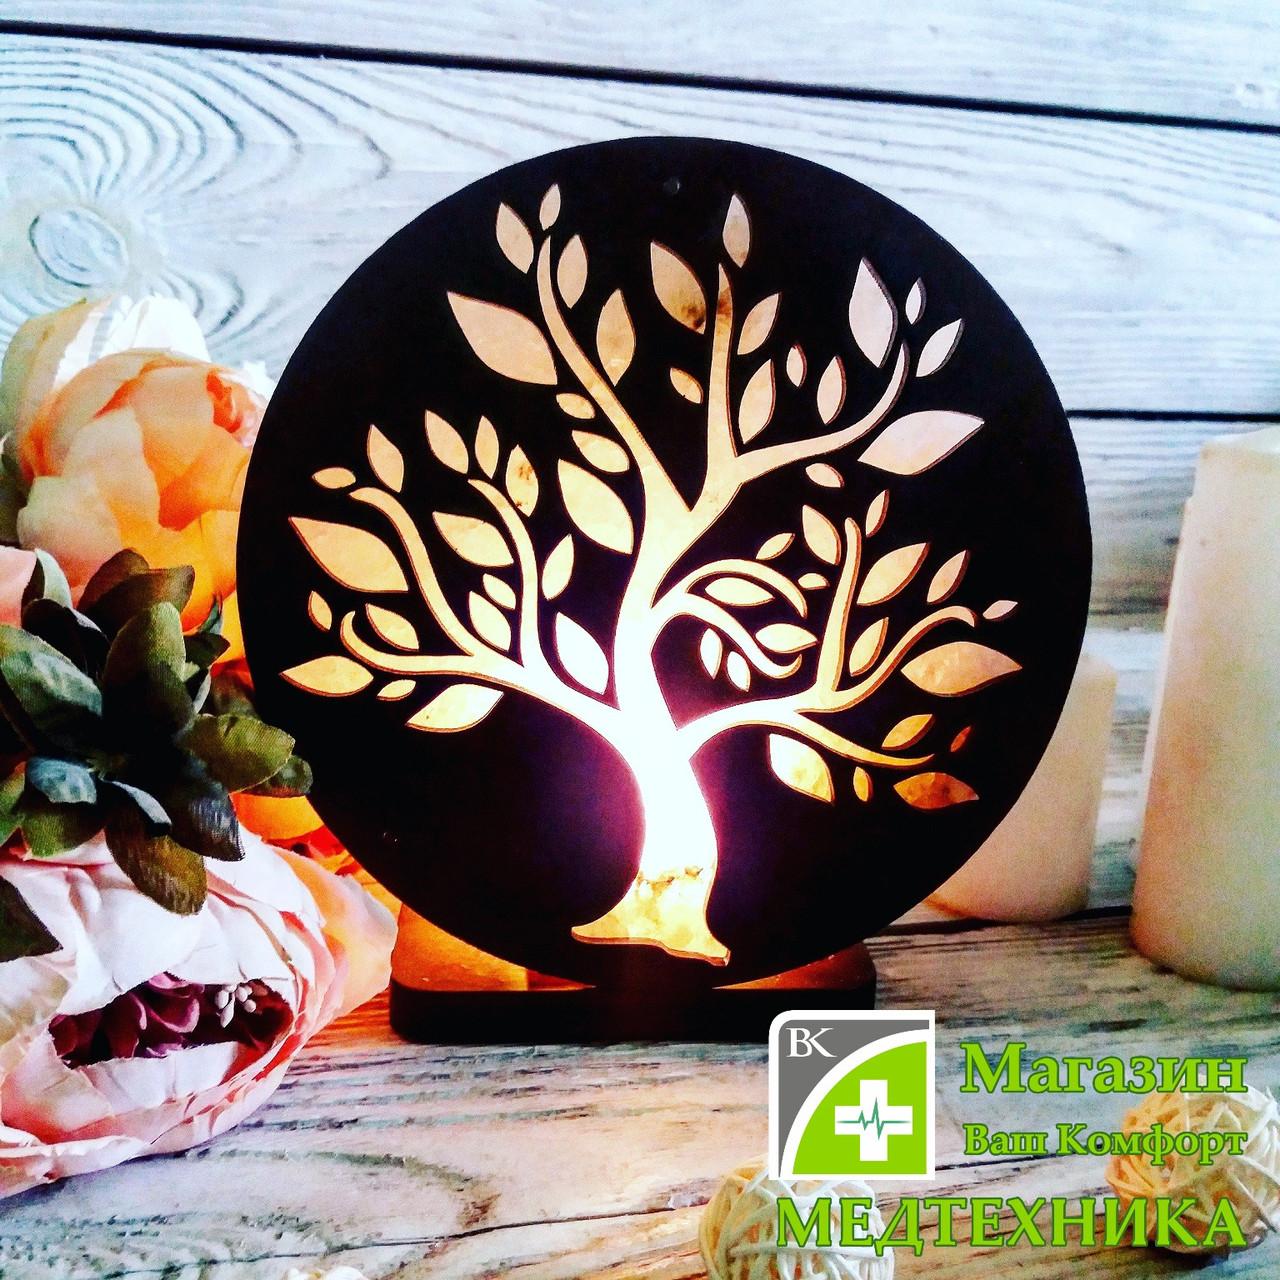 Соляная лампа «Дерево №1» 3-4 кг